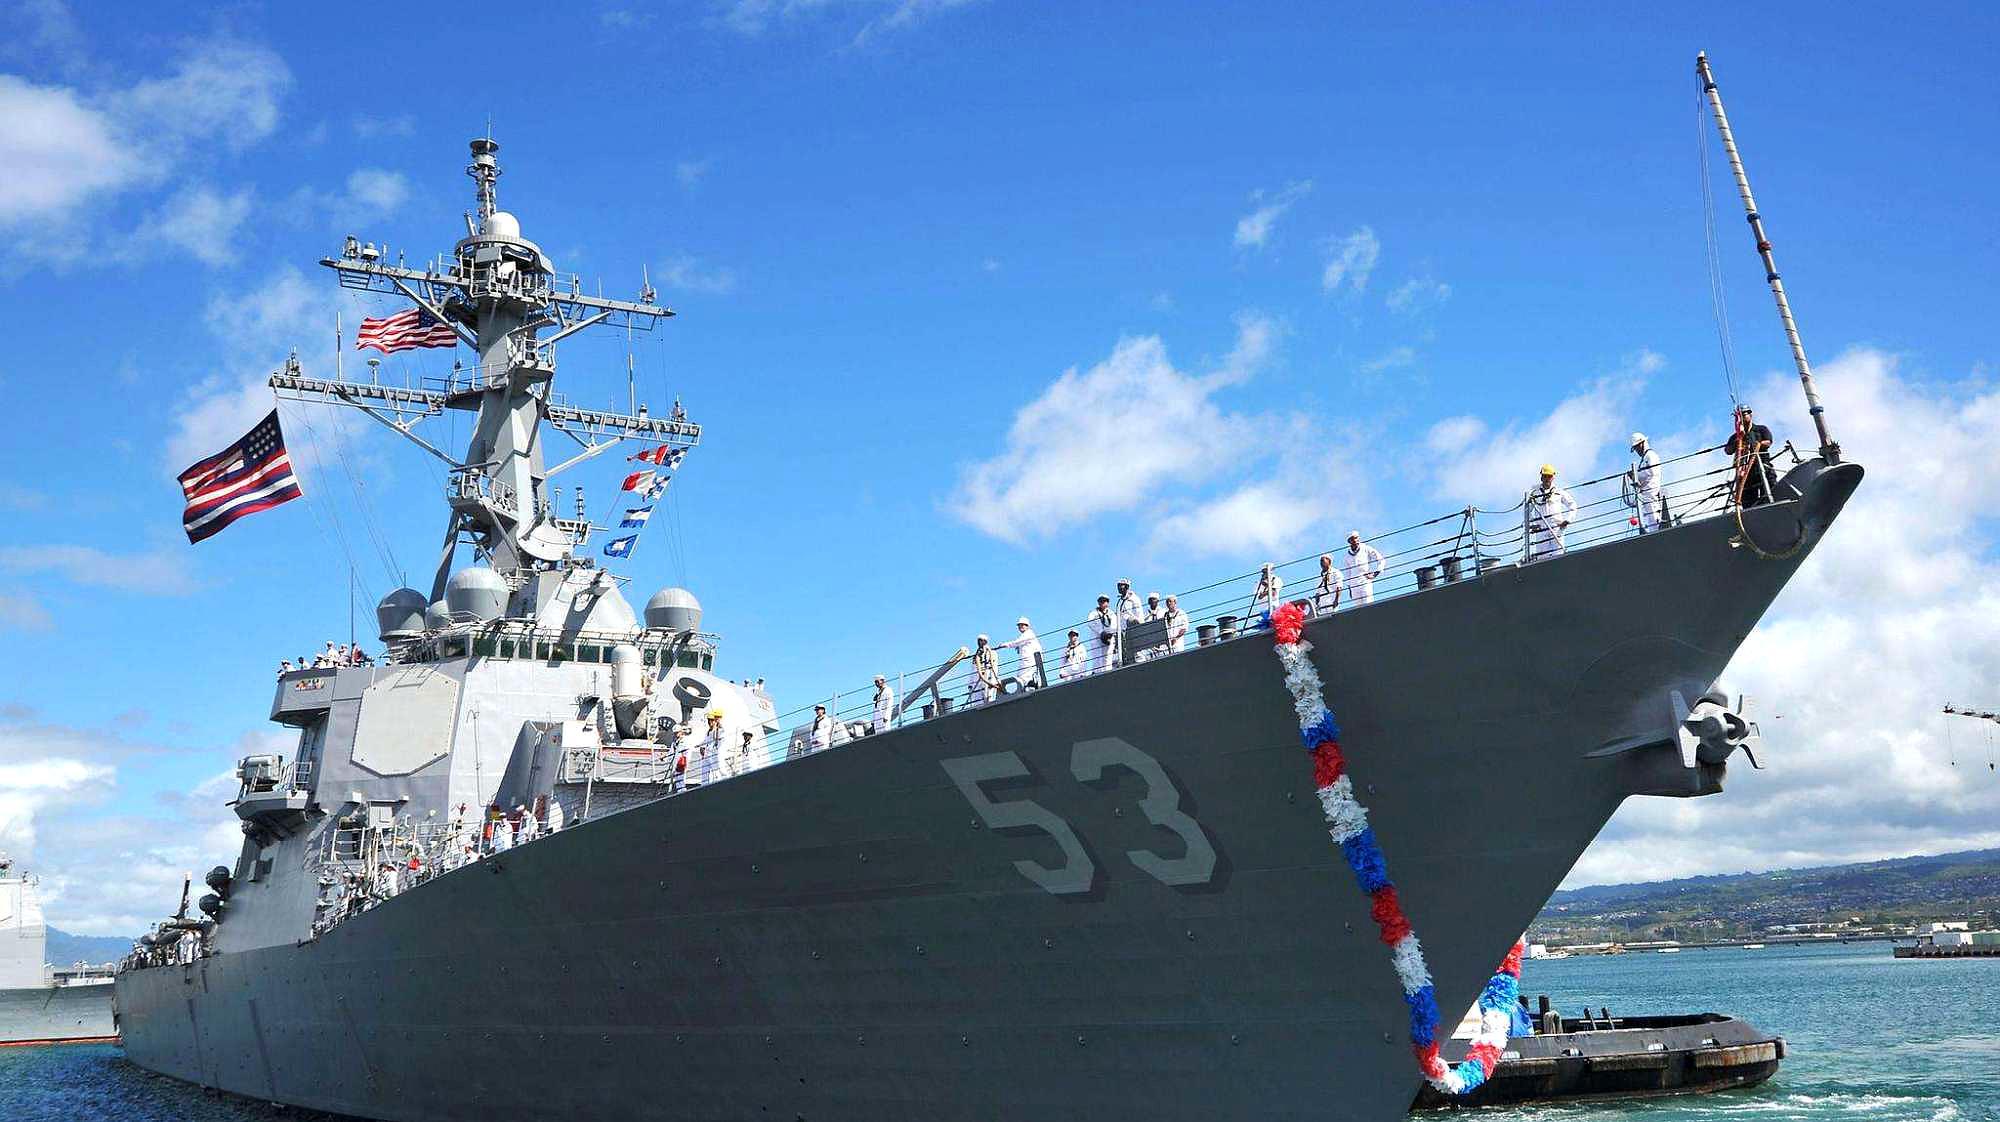 军舰撞船,战机坠毁,美军近年来是怎么了?三大软肋已出现